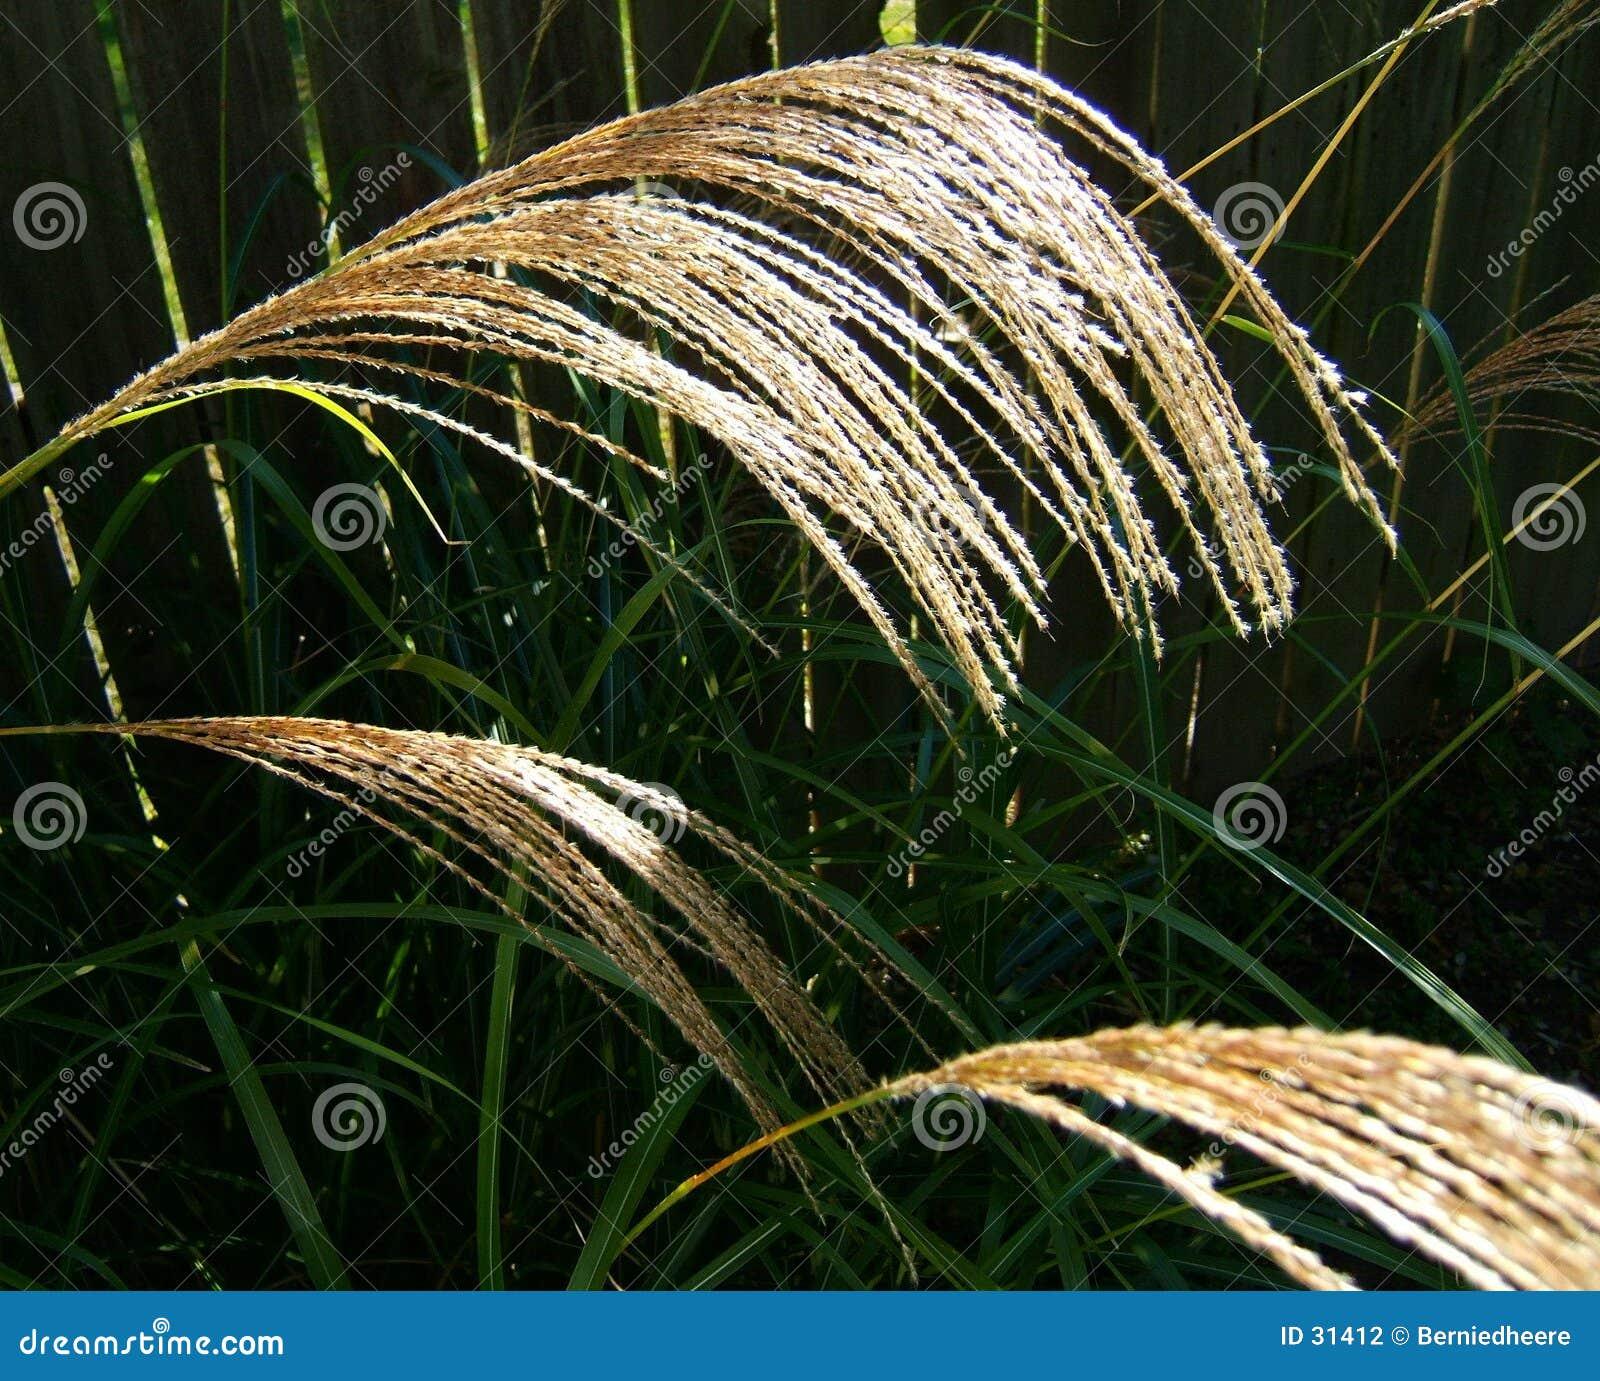 Materiał siewny wyżej głów traw